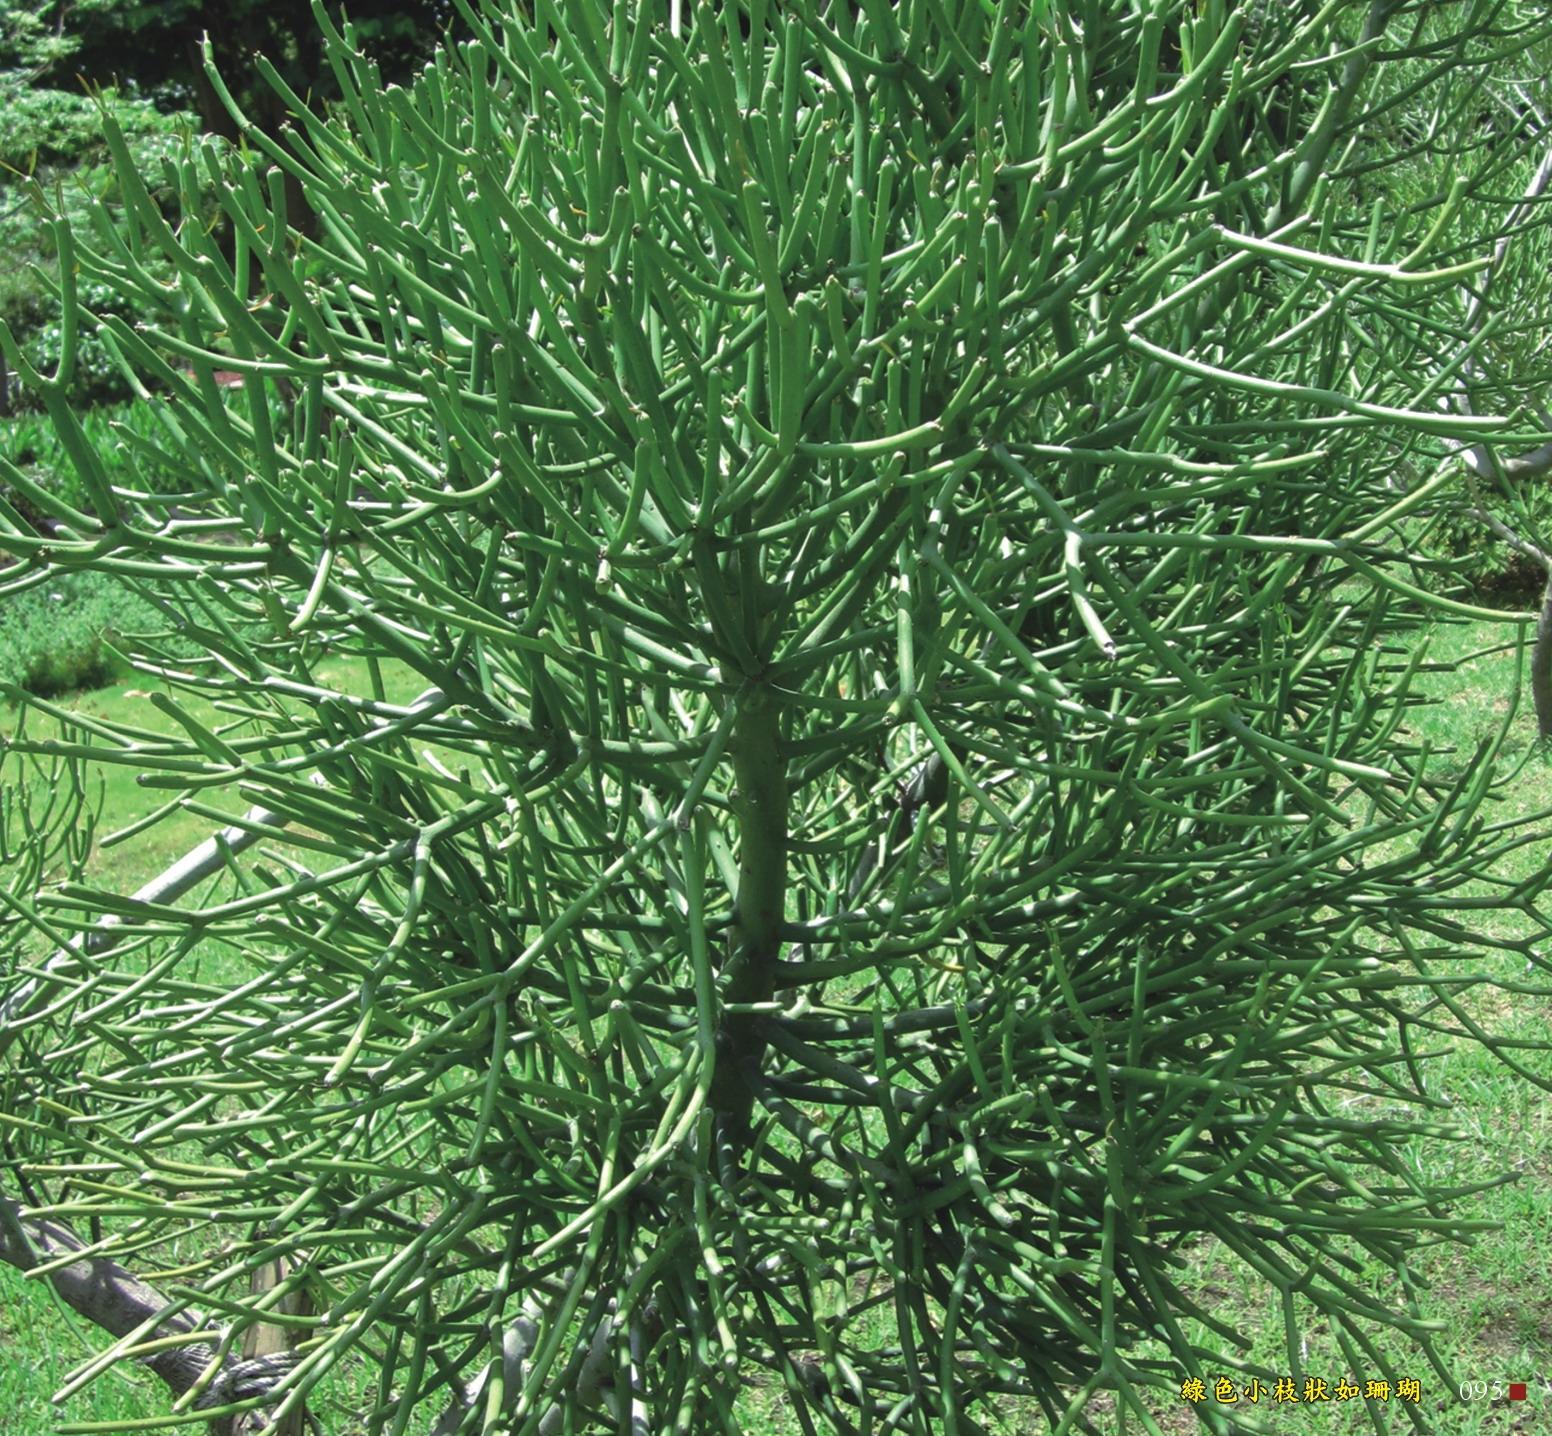 綠色小枝狀如珊瑚